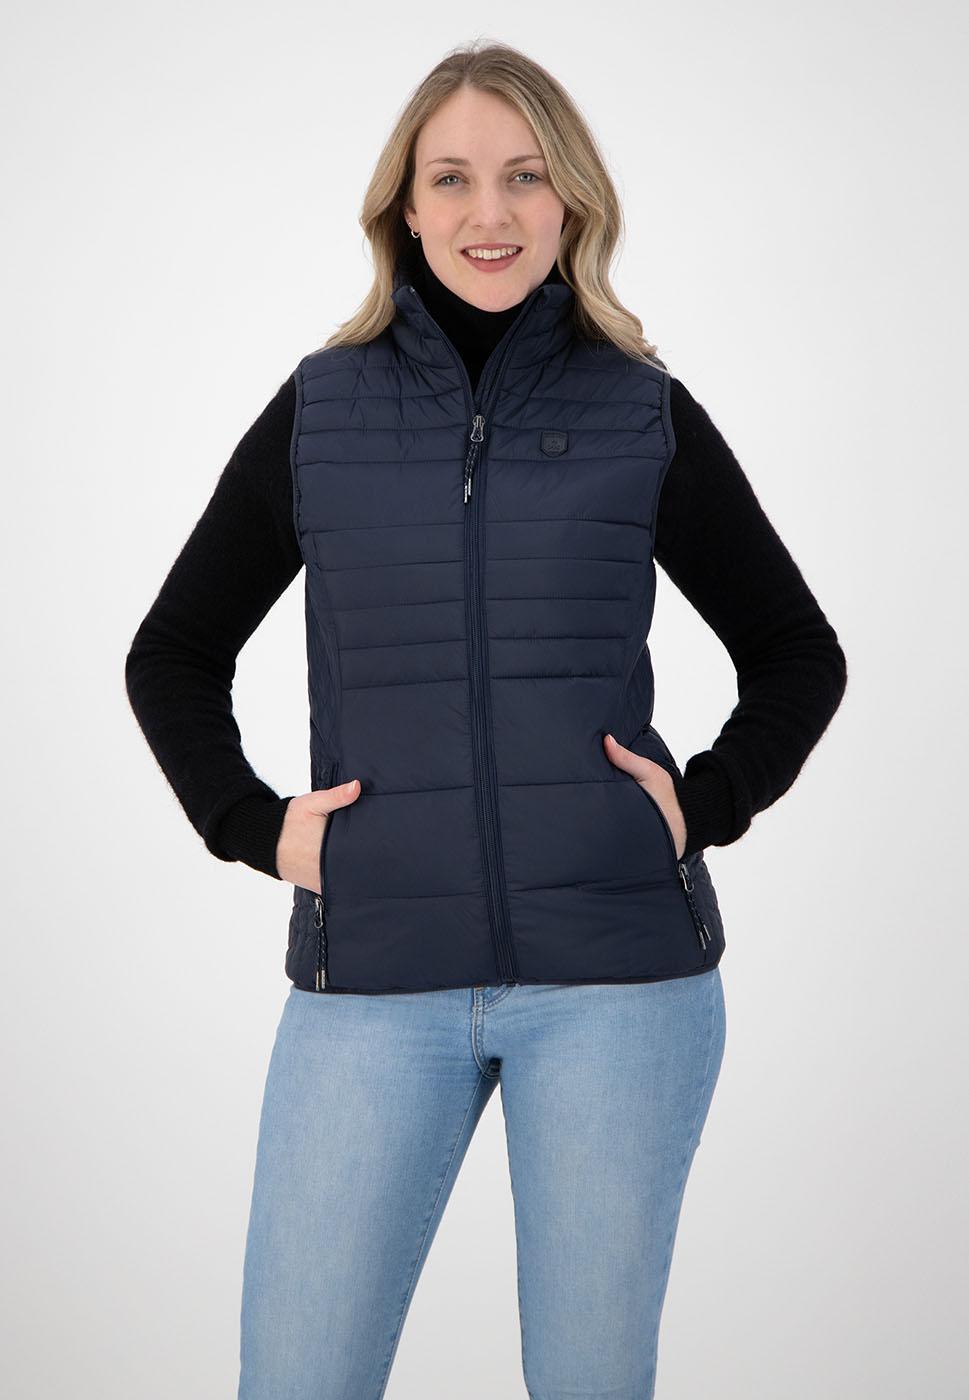 Kjelvik Scandinavian Clothing - Women Bodywarmers Denise Navy